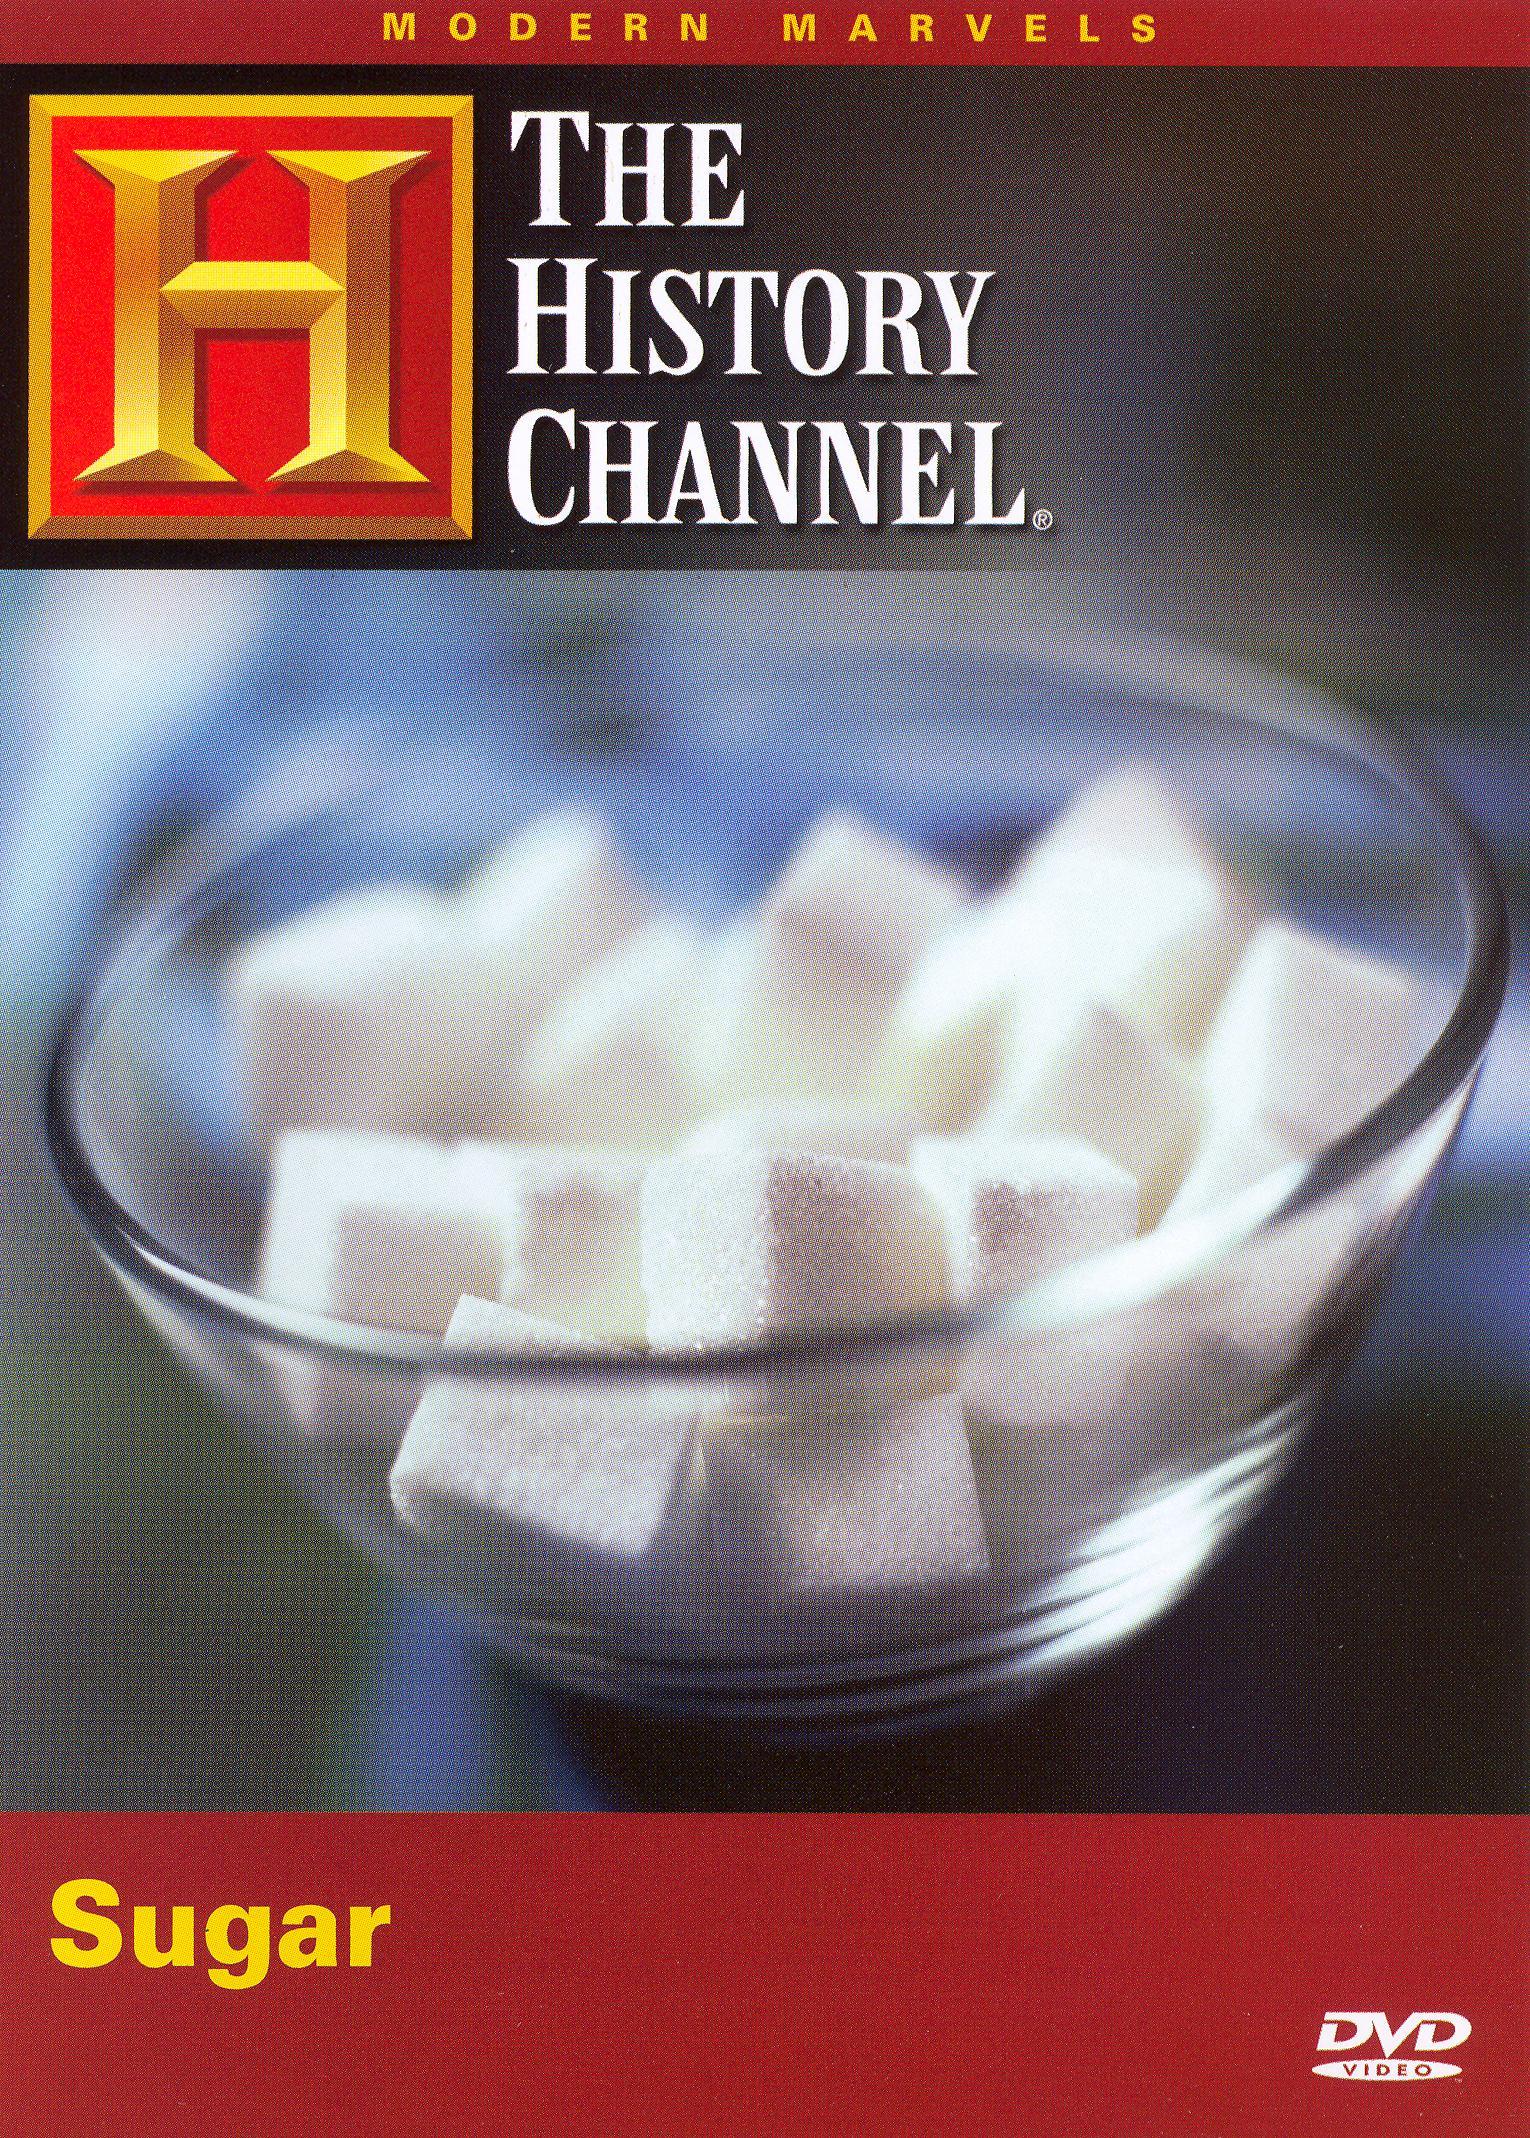 Modern Marvels: Sugar